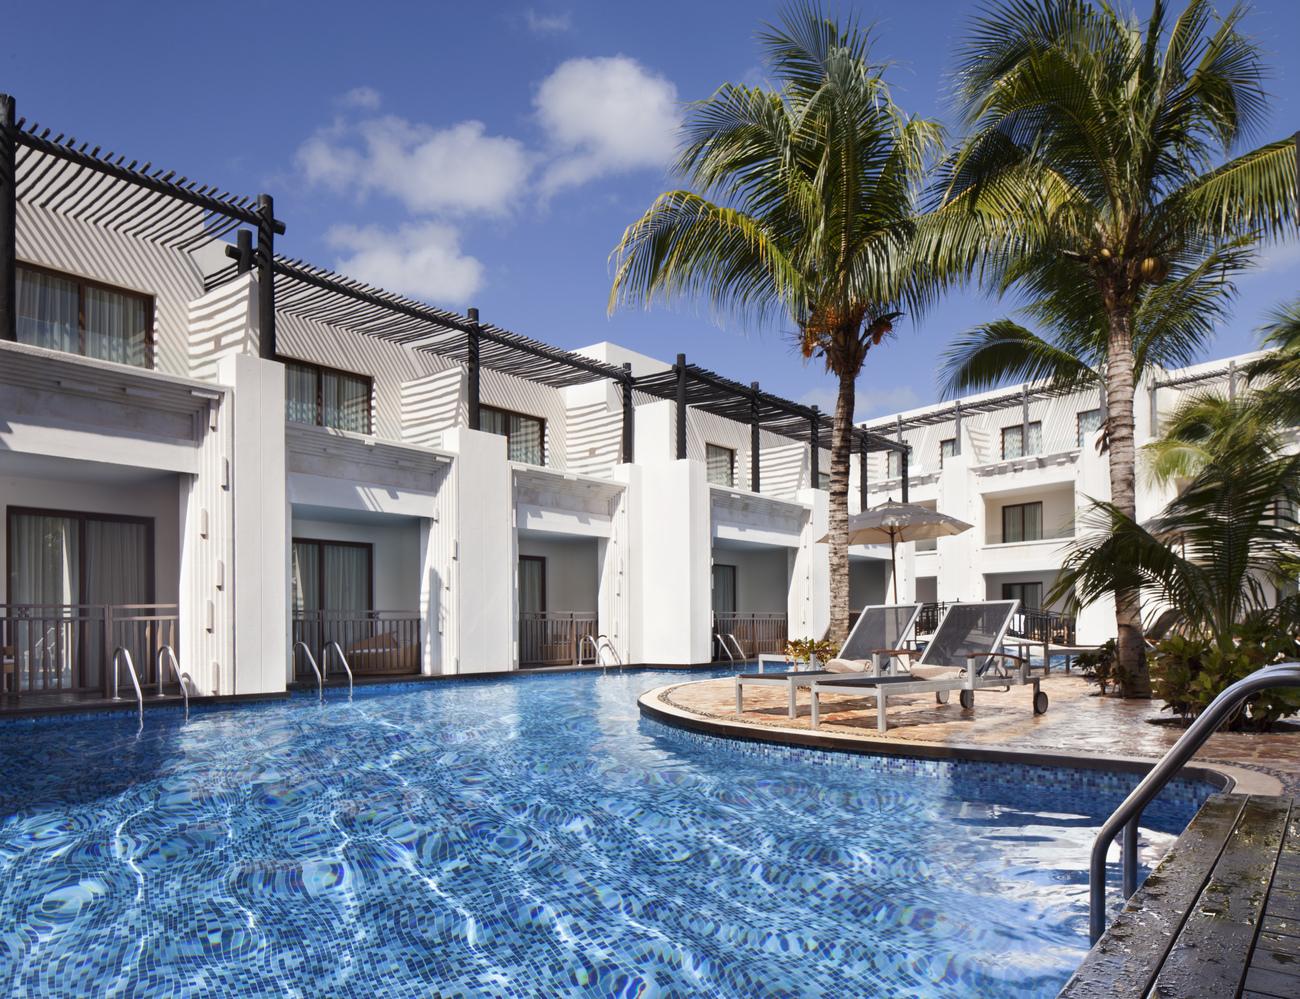 Bahamas All Inclusive >> Weddings in Azul Beach